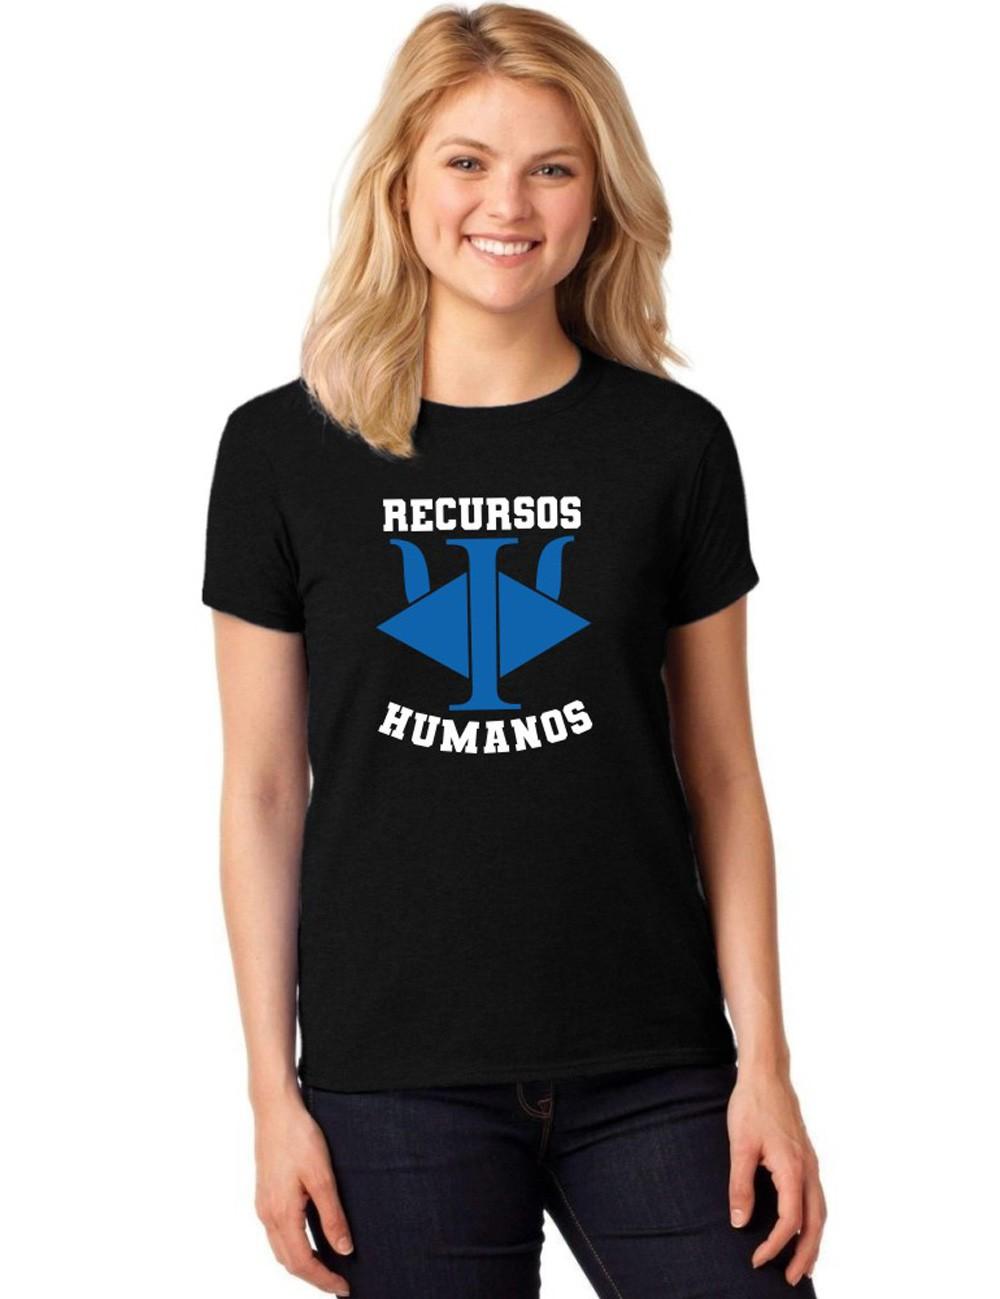 Camiseta Feminina T-Shirt Universitária Faculdade Recursos Humanos